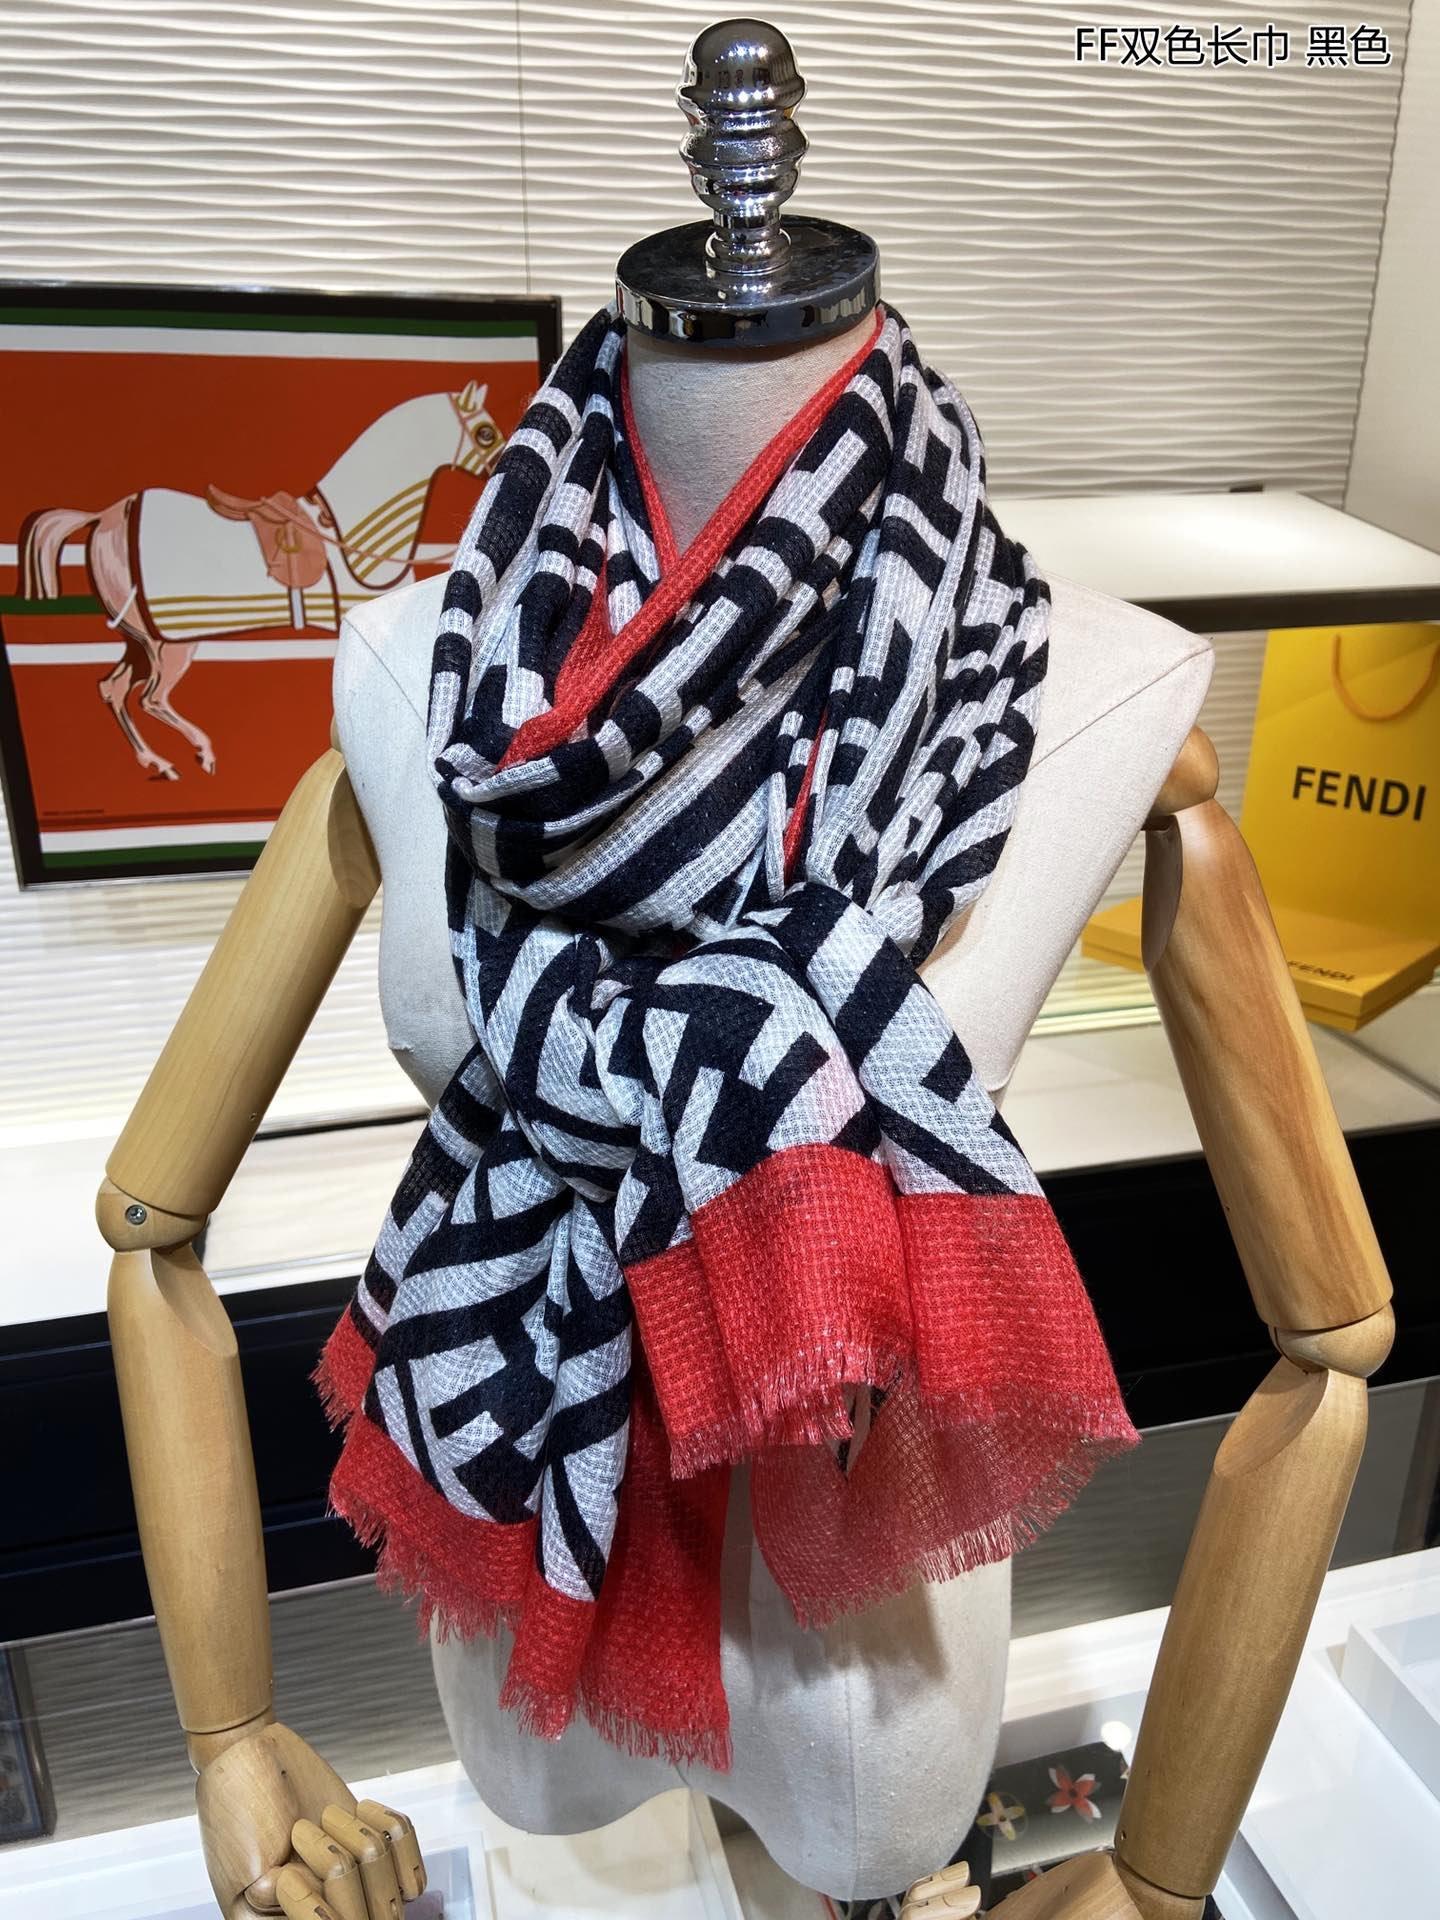 上新芬迪最新的专柜主打款FF双色长巾